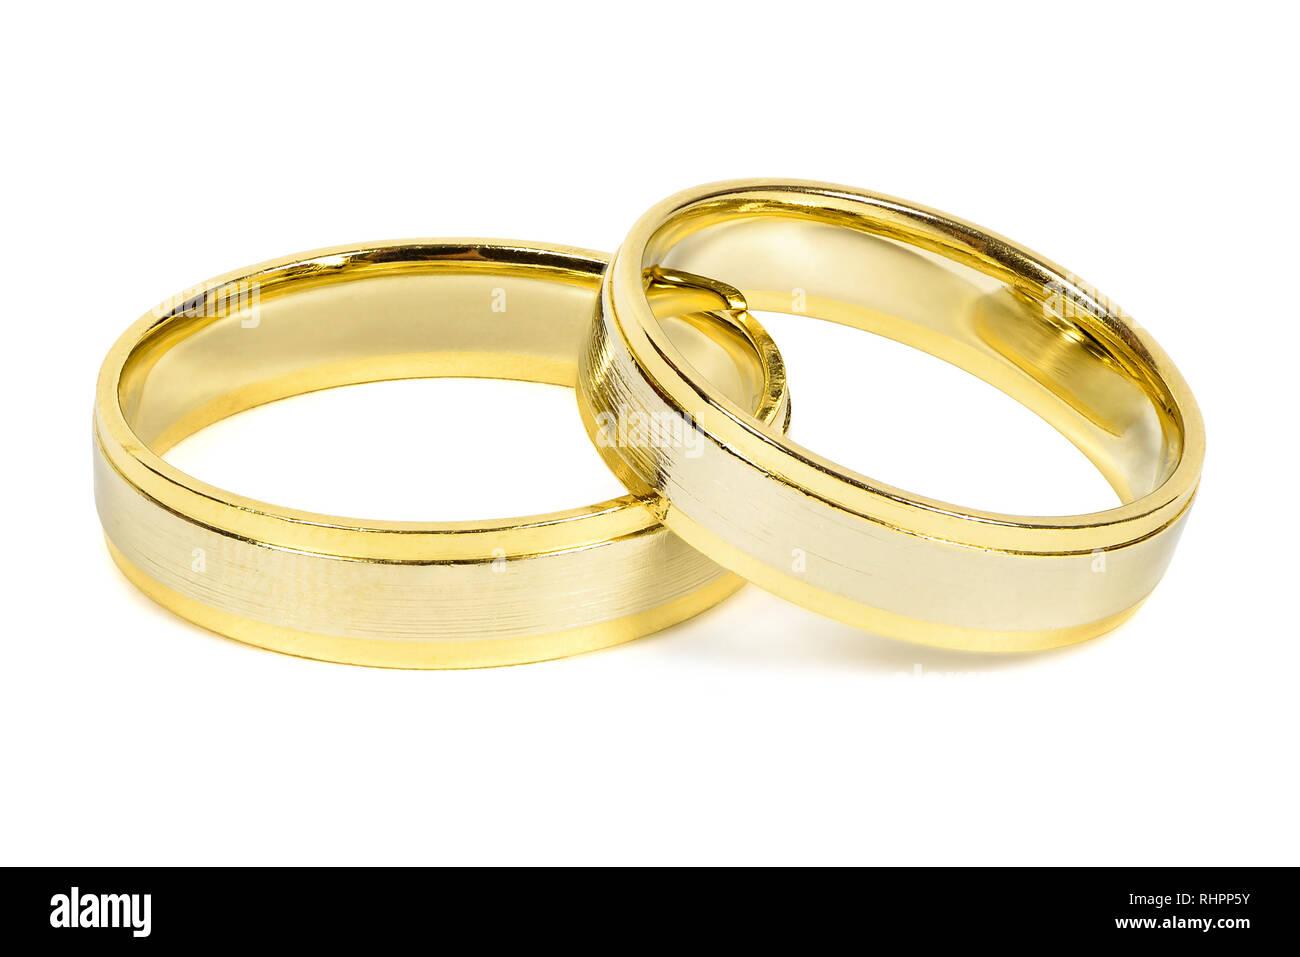 Goldene Hochzeit Ringe Auf Weißem Hintergrund Mit